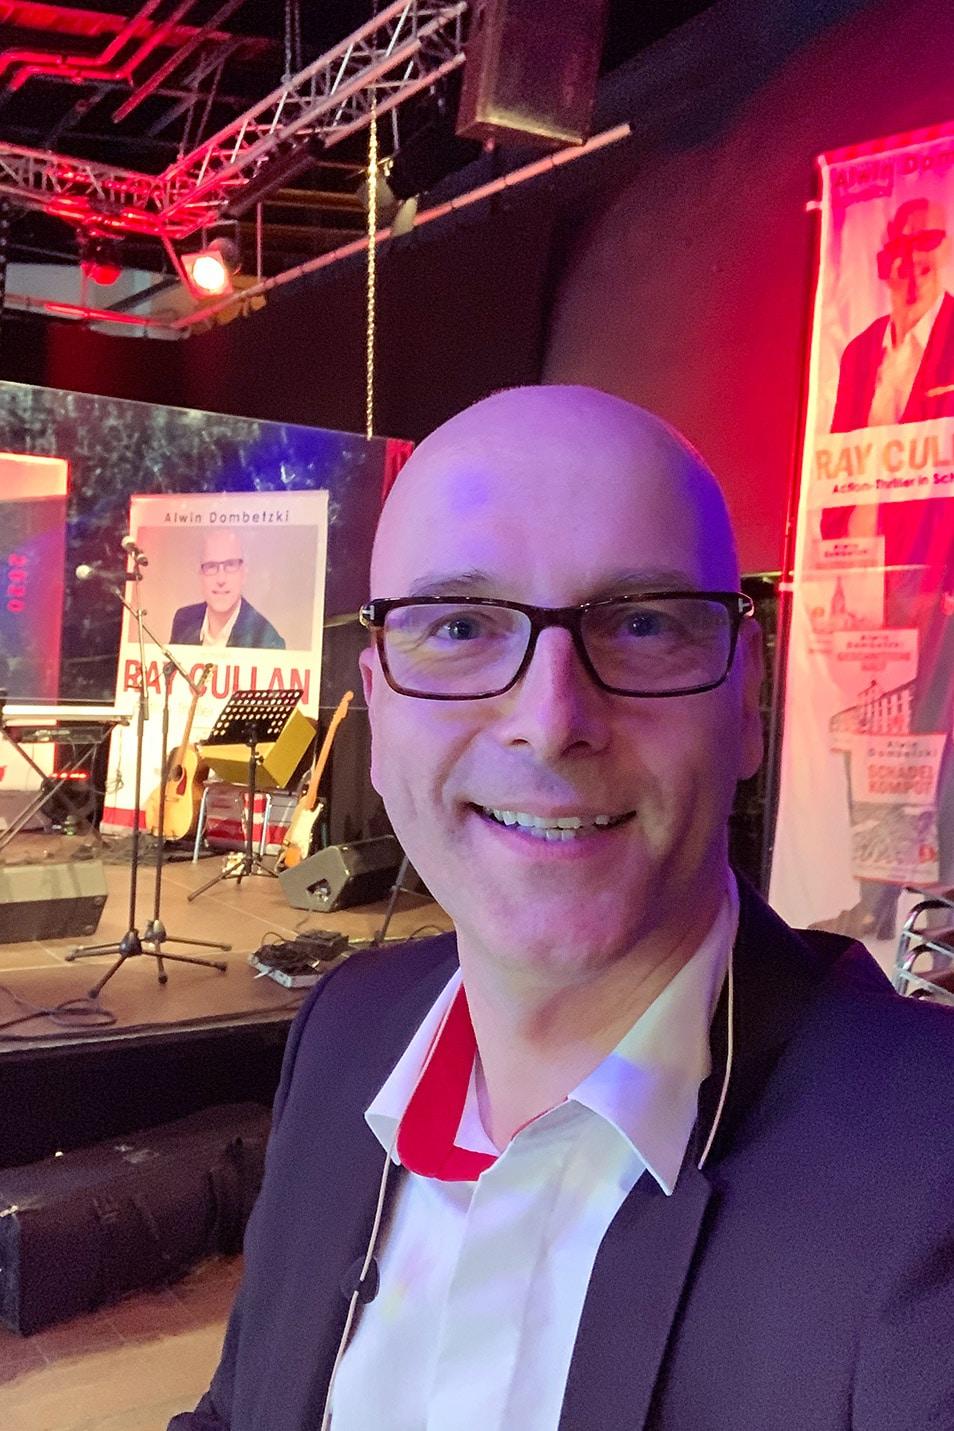 Live Lesung Bühne Alwin Dombetzki KulturfestivalSH Relana Dombetzki ALDO Magazin